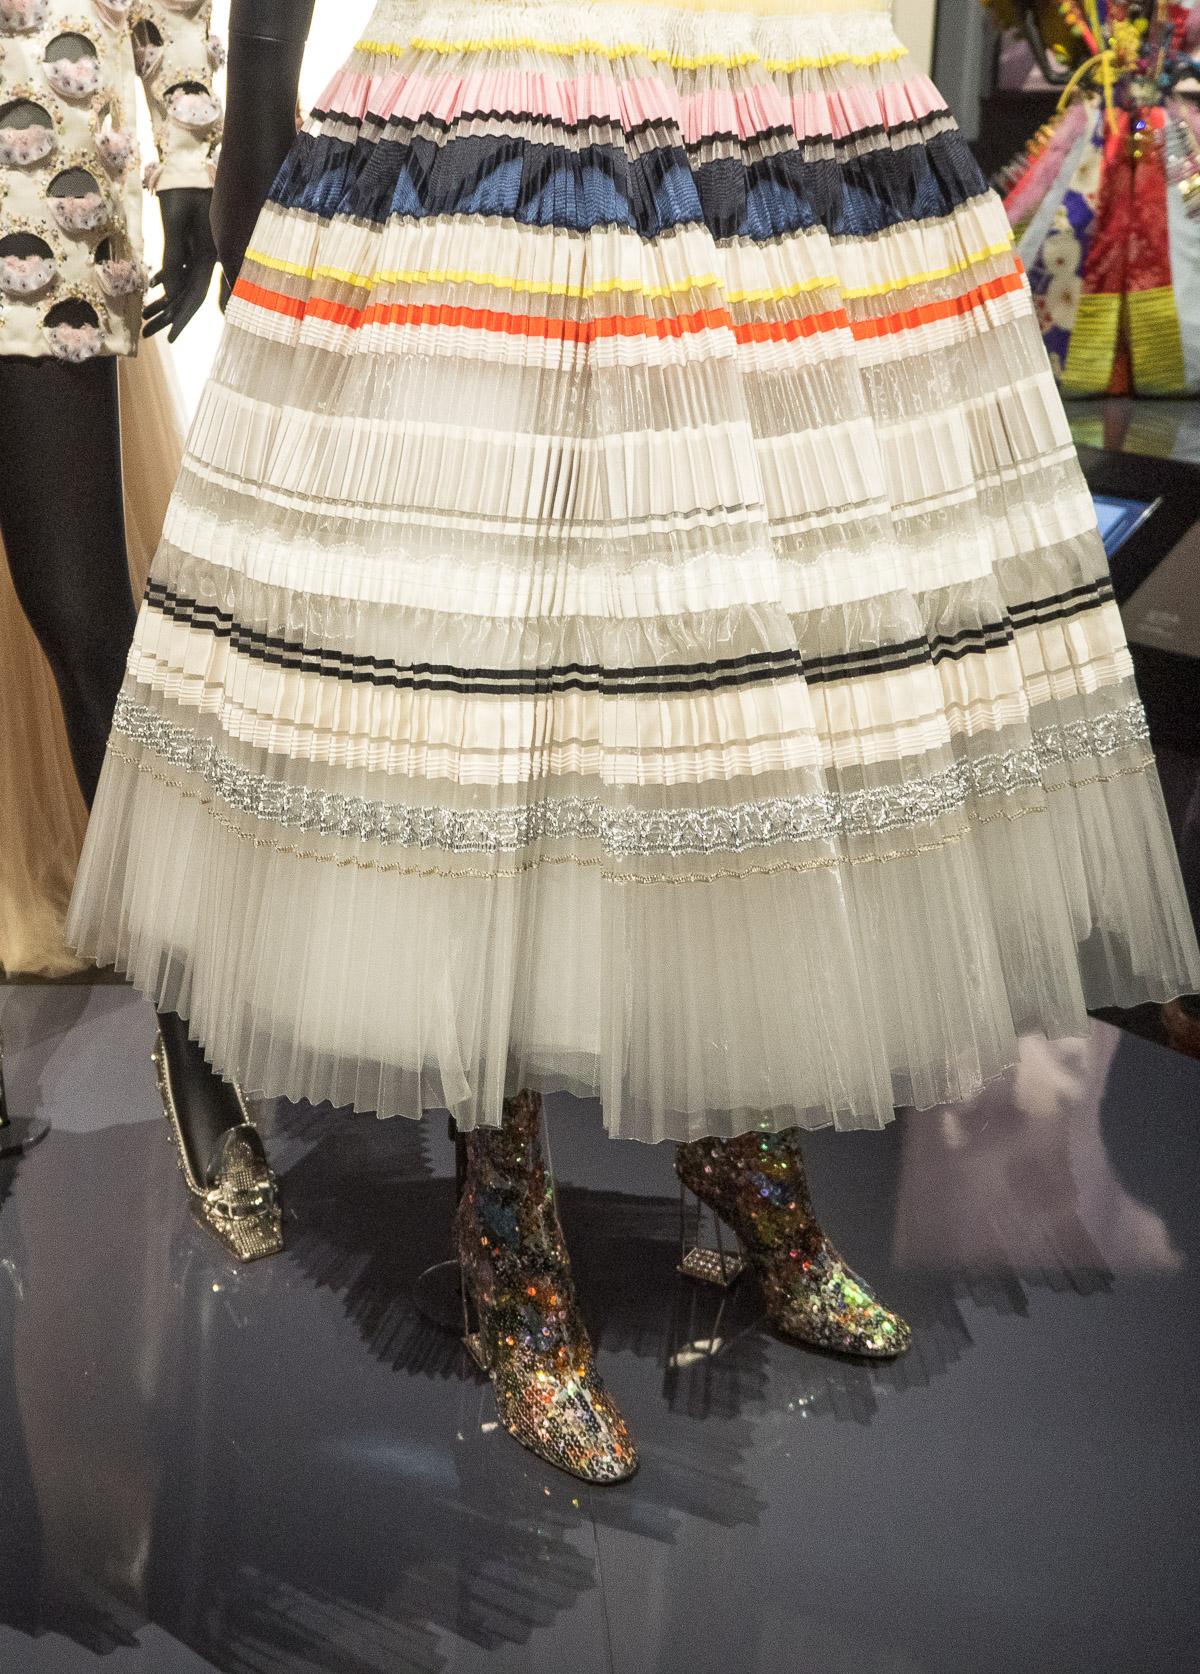 Christian Dior, Dior, V&A, V&A Museum, Fashion Exhibition, Exhibition, Museum, Couture, Haute Couture